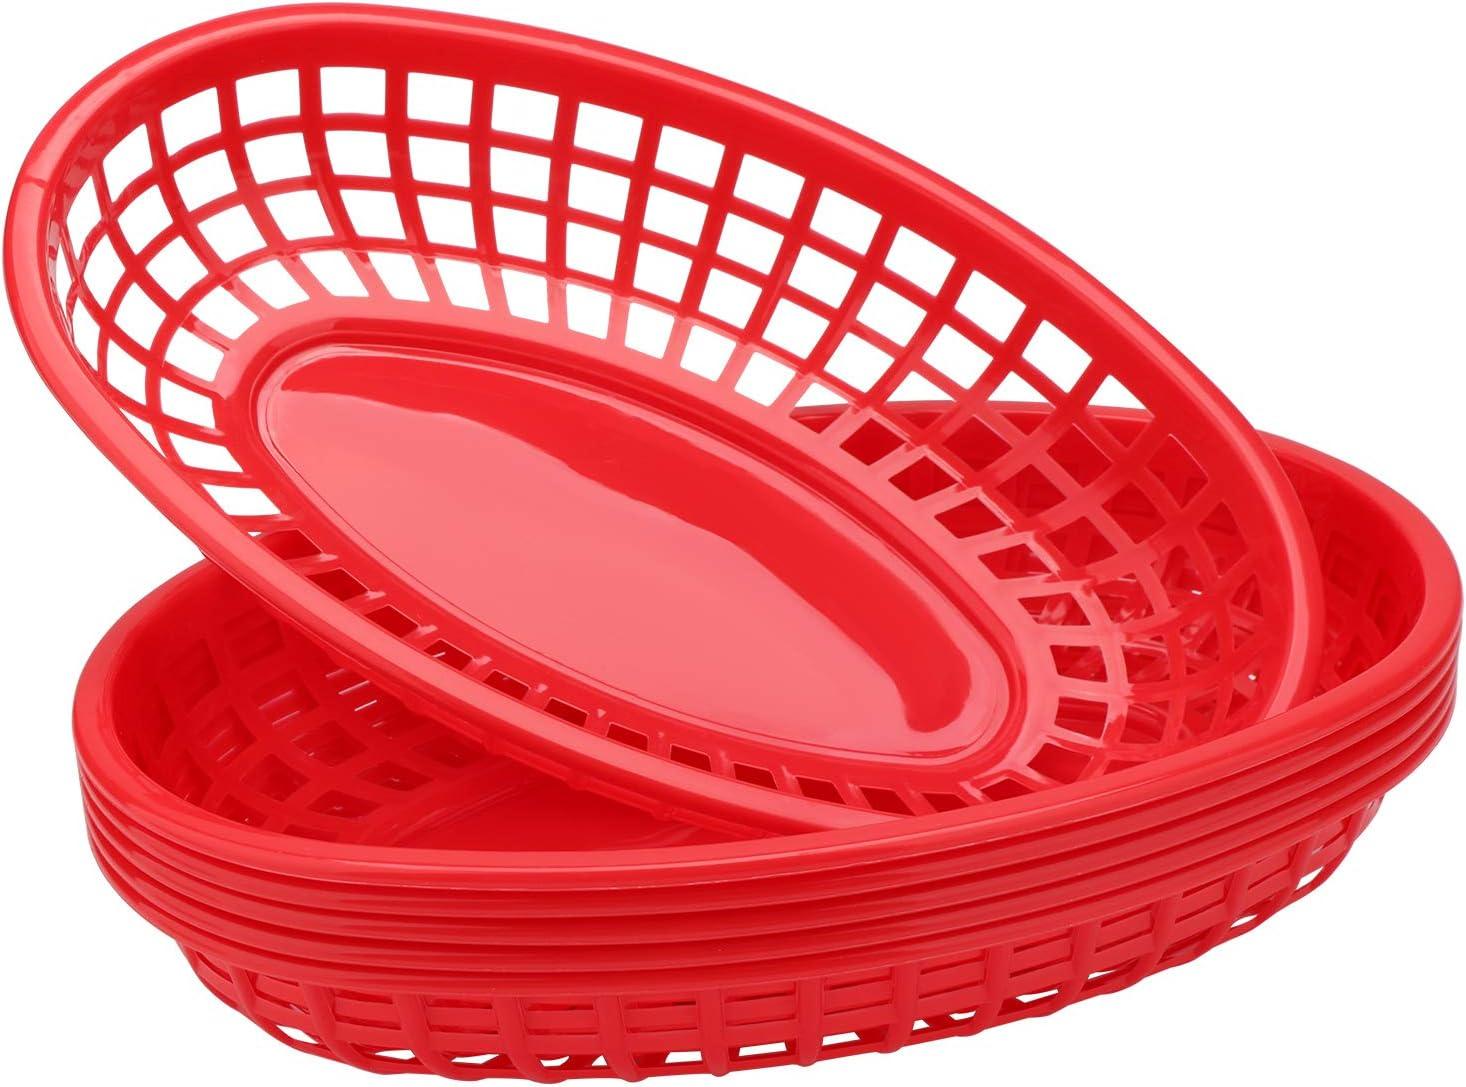 Deli Baskets for Food Serving, Eusoar 6Pcs 9.4